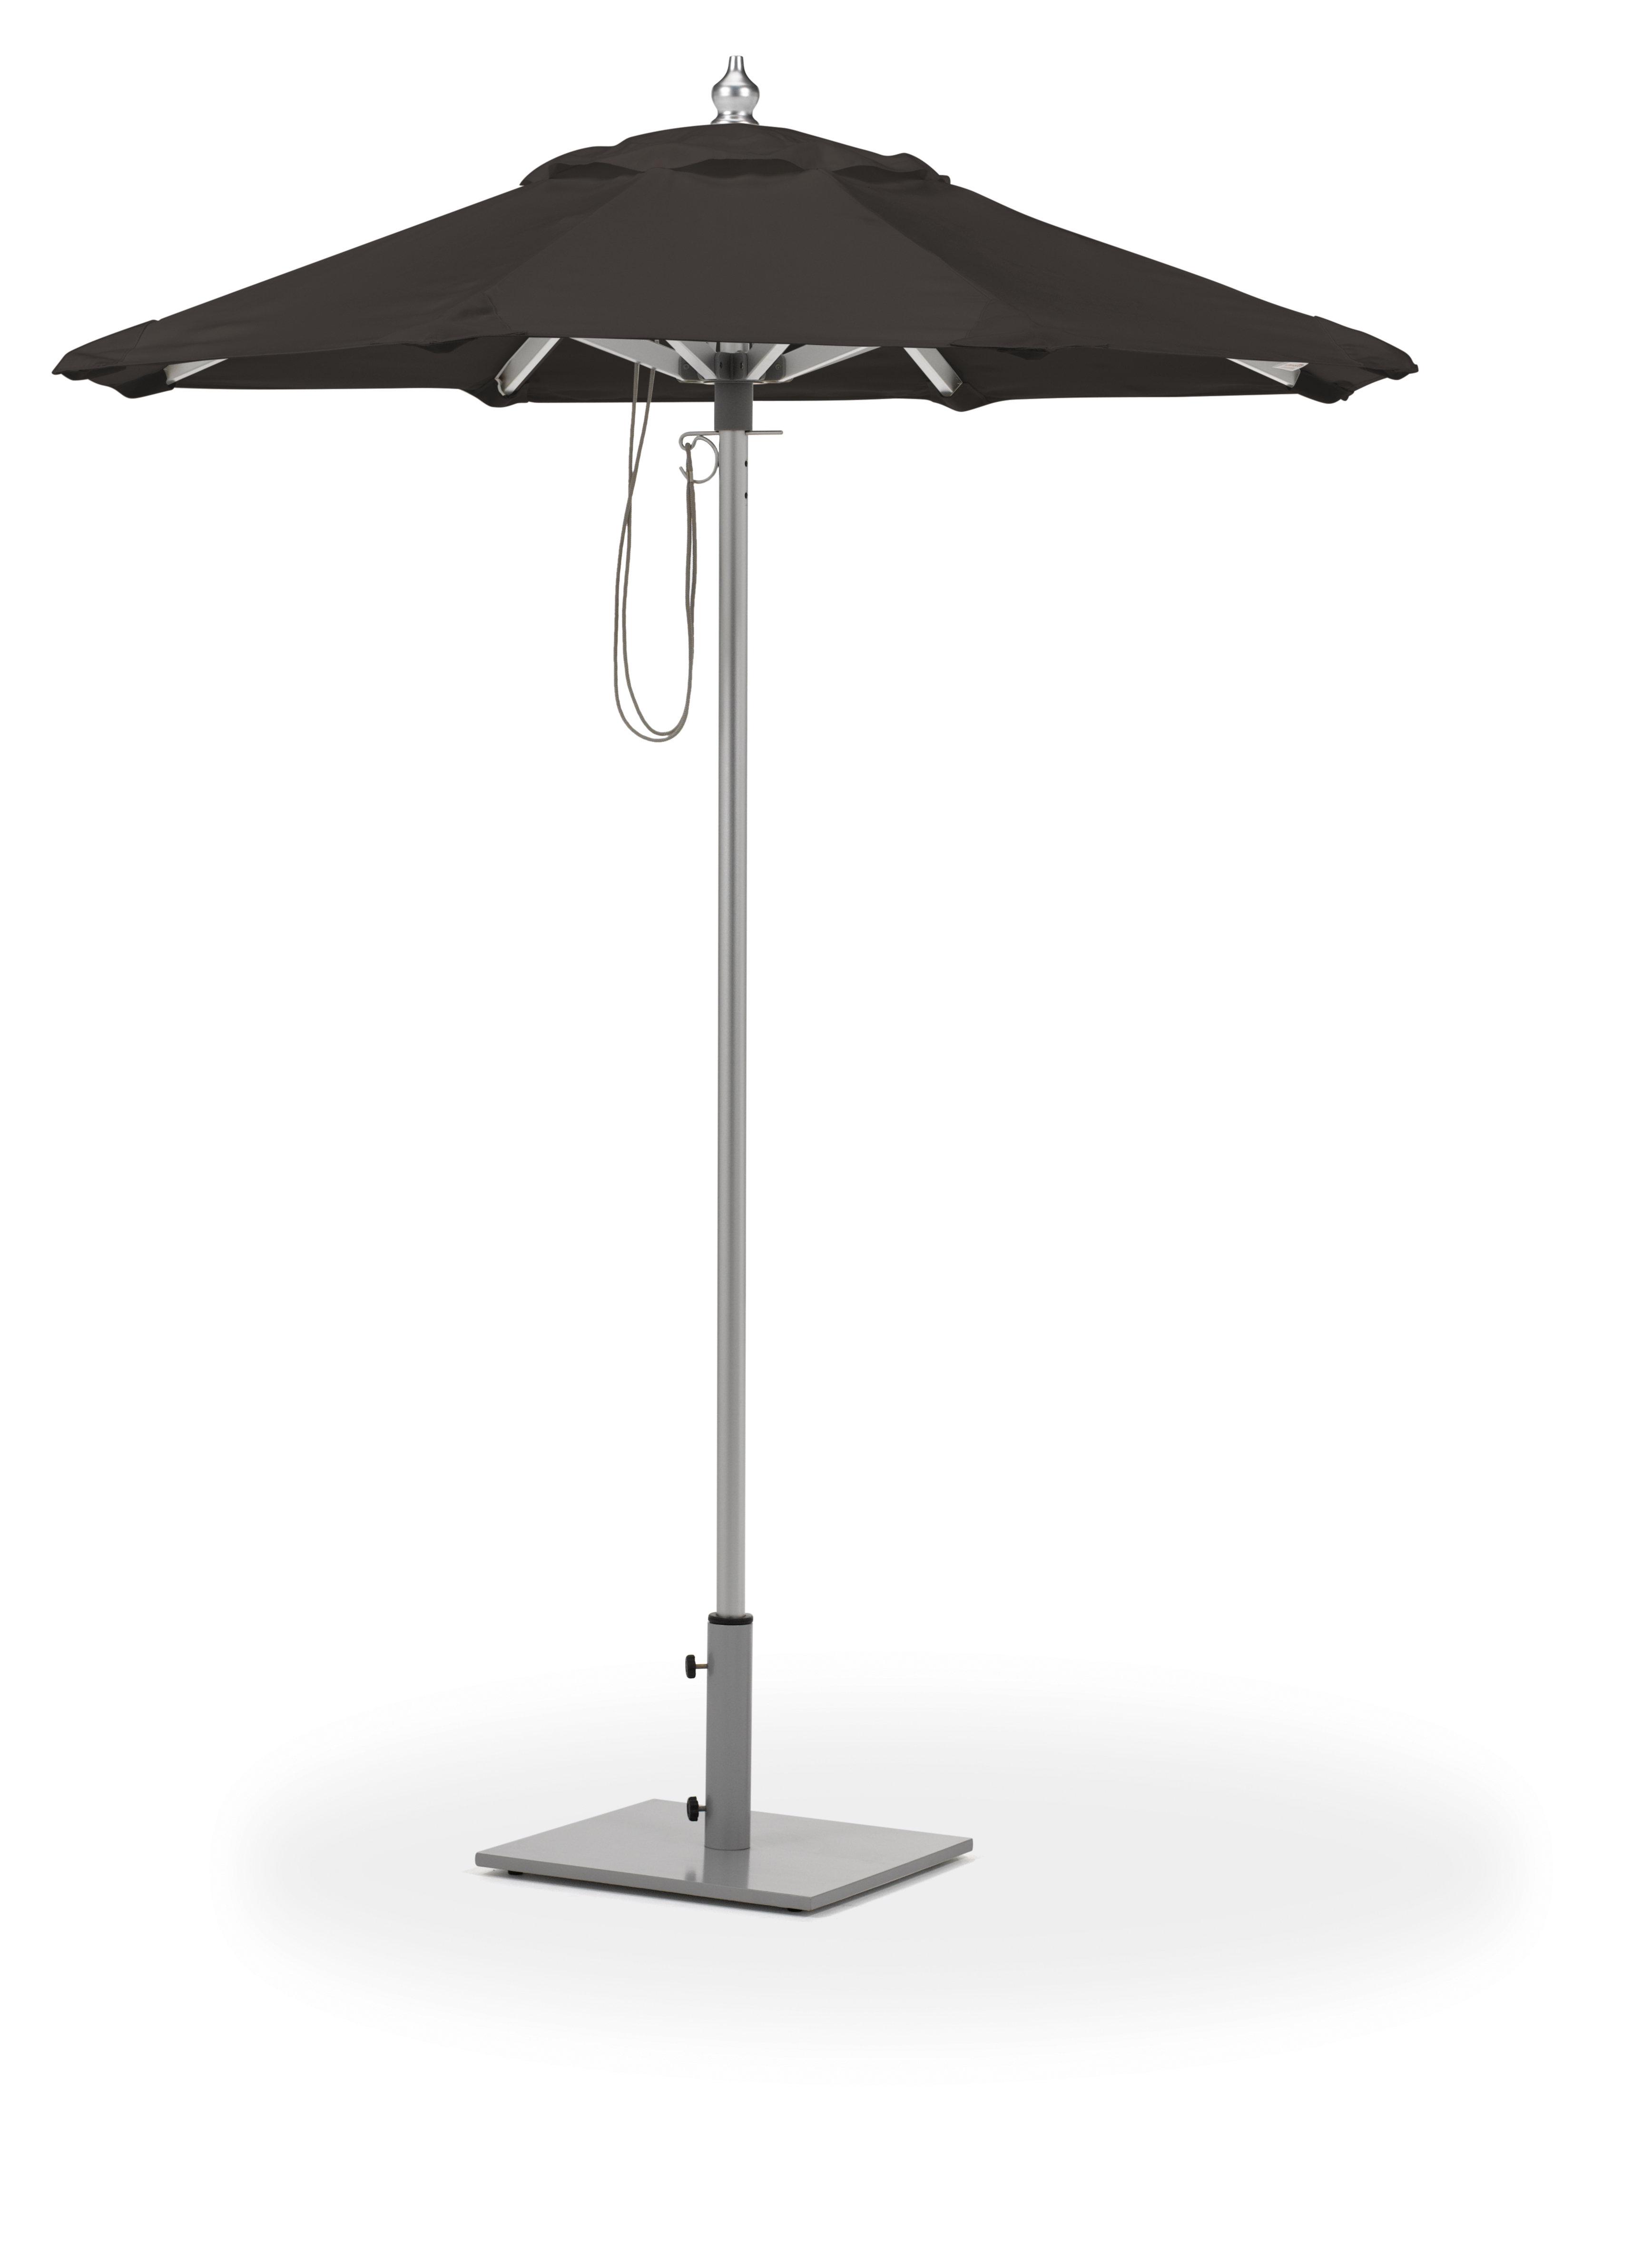 Stambaugh 6' Market Umbrella For Current Crowborough Square Market Umbrellas (View 20 of 20)